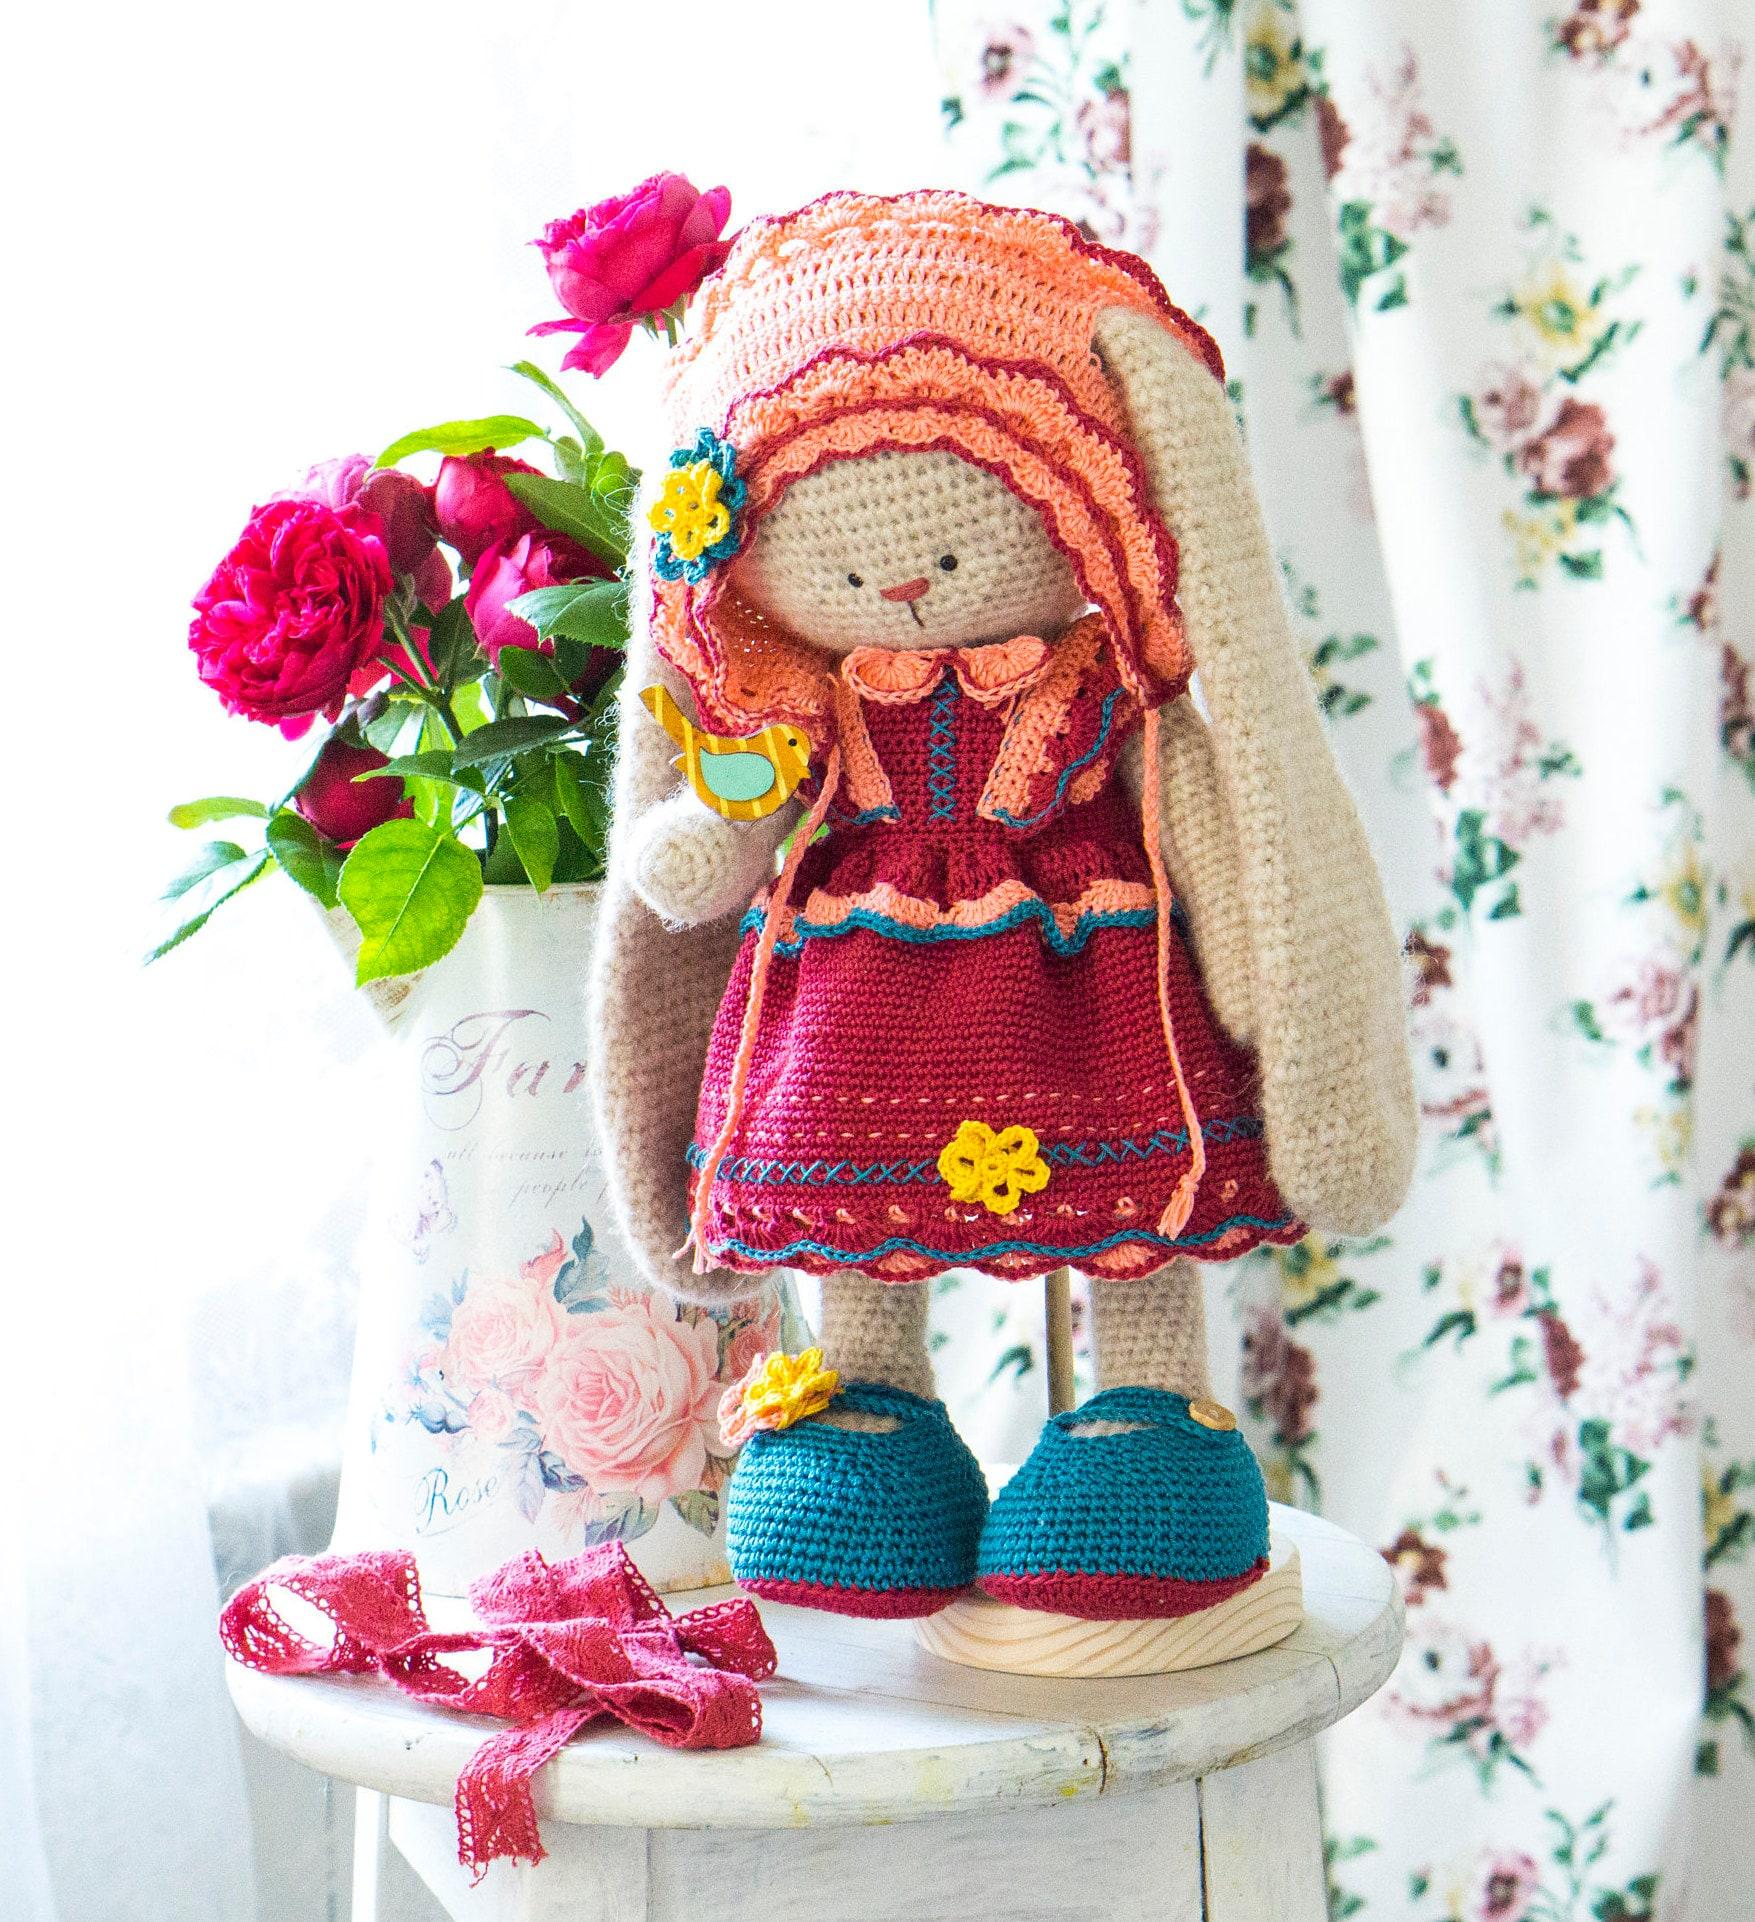 Cat Couple Amigurumi Crochet Pattern – Snacksies Handicraft | 1922x1755